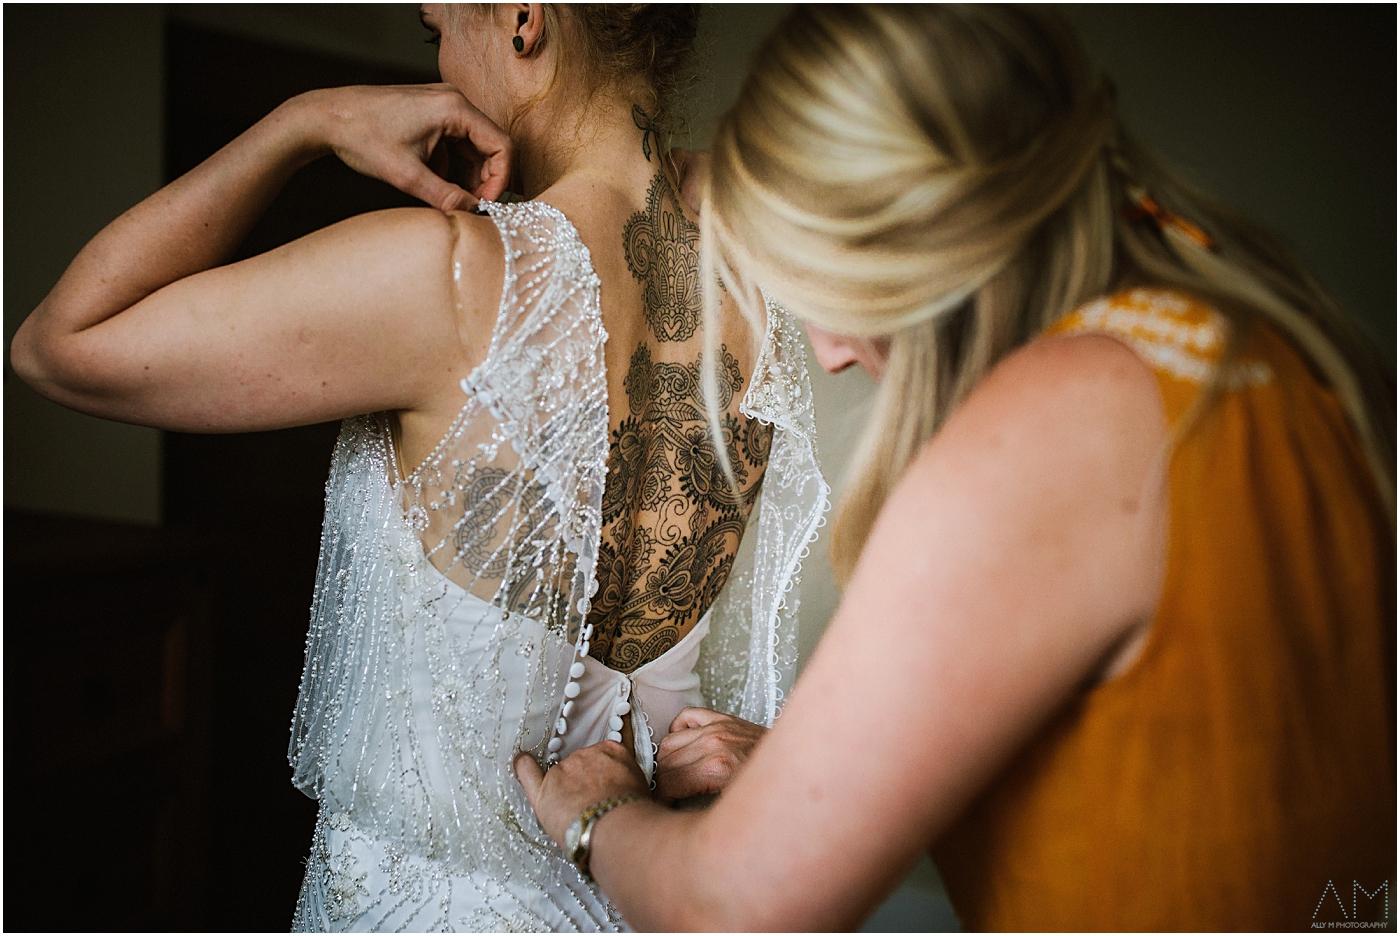 Brides back tattoo